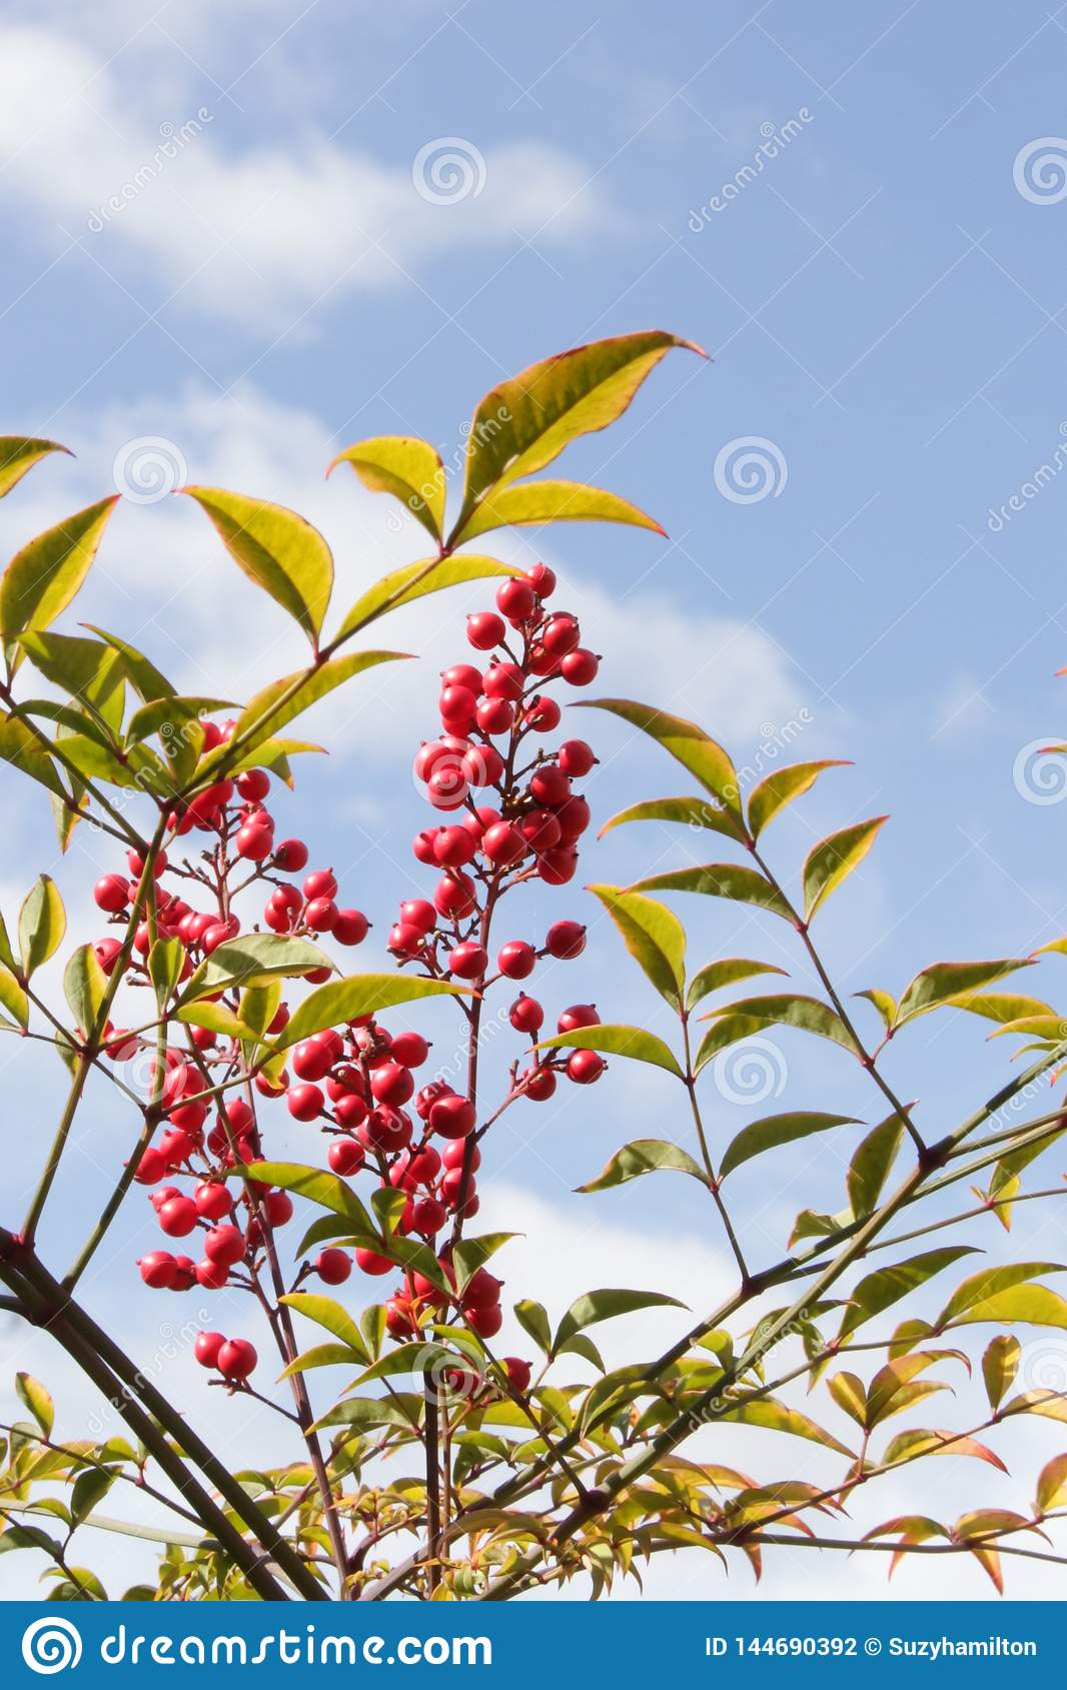 Pieza de Nandina Domestica del arbusto con el fondo del cielo azul